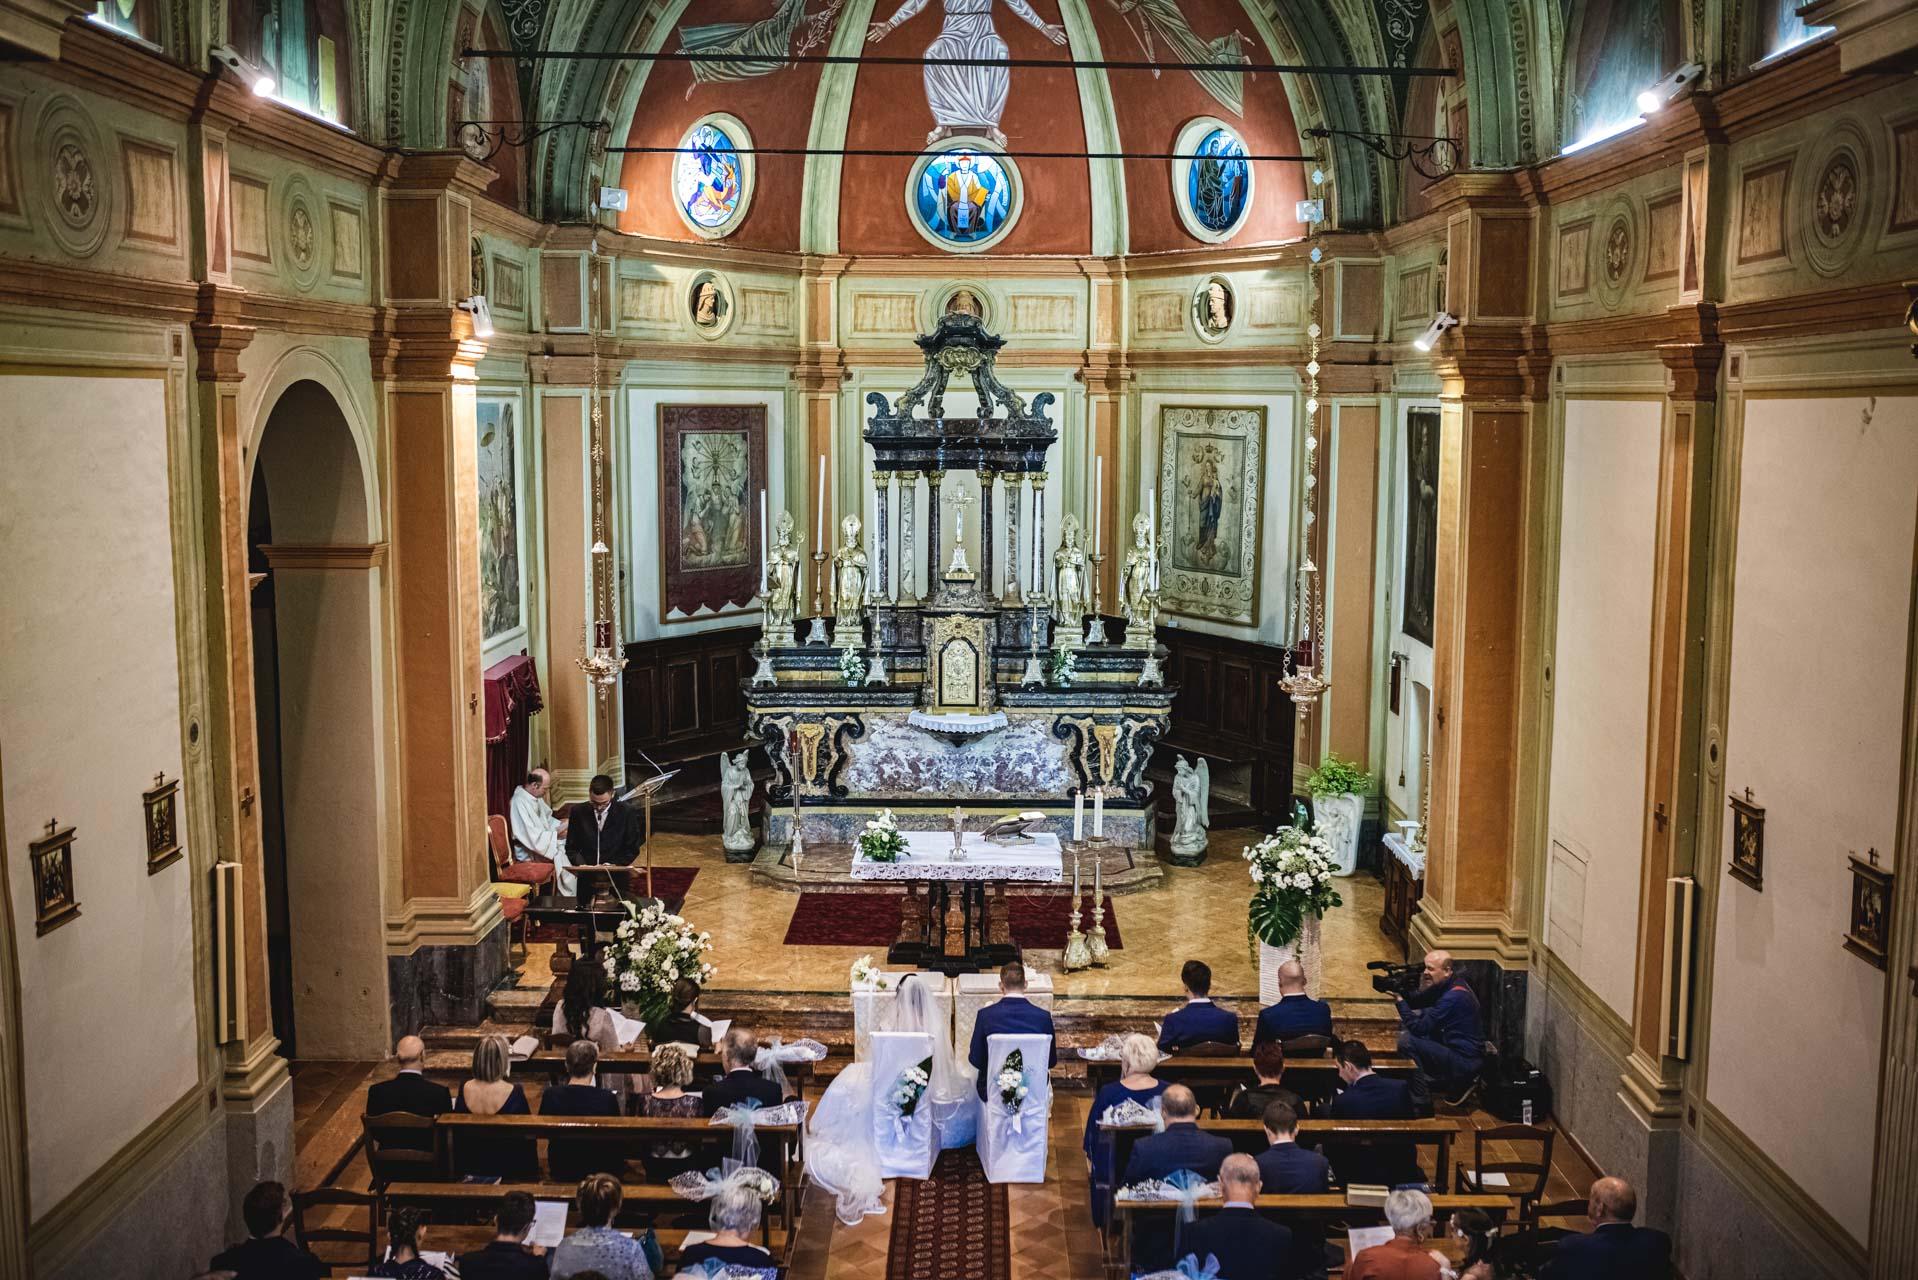 matrimonio celebrazione chiesa interno sposi invitati